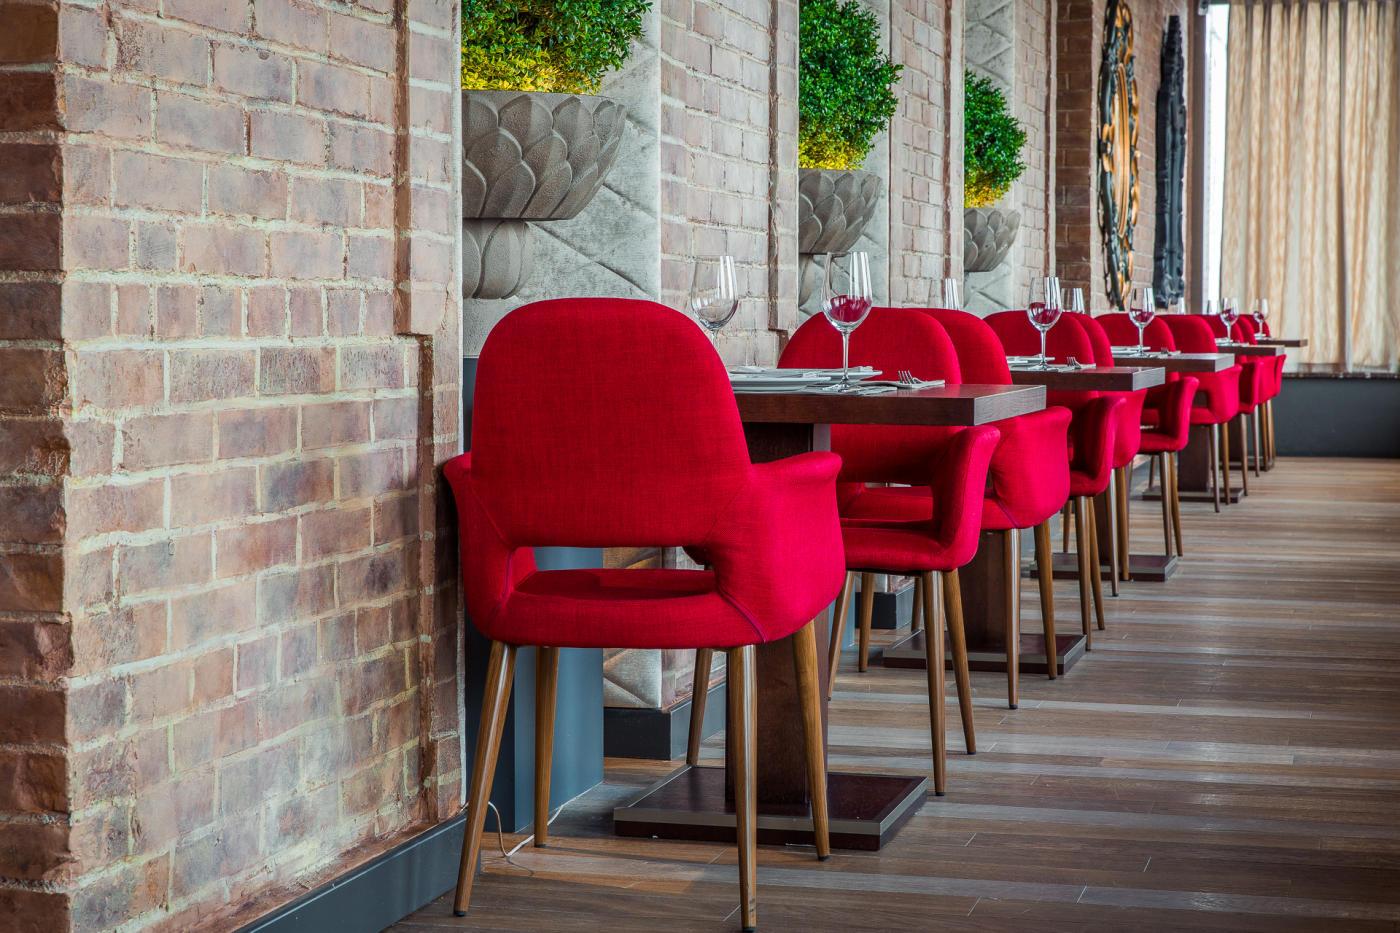 Панорамный Ресторан Трамплин на Воробьевых Горах фото 21